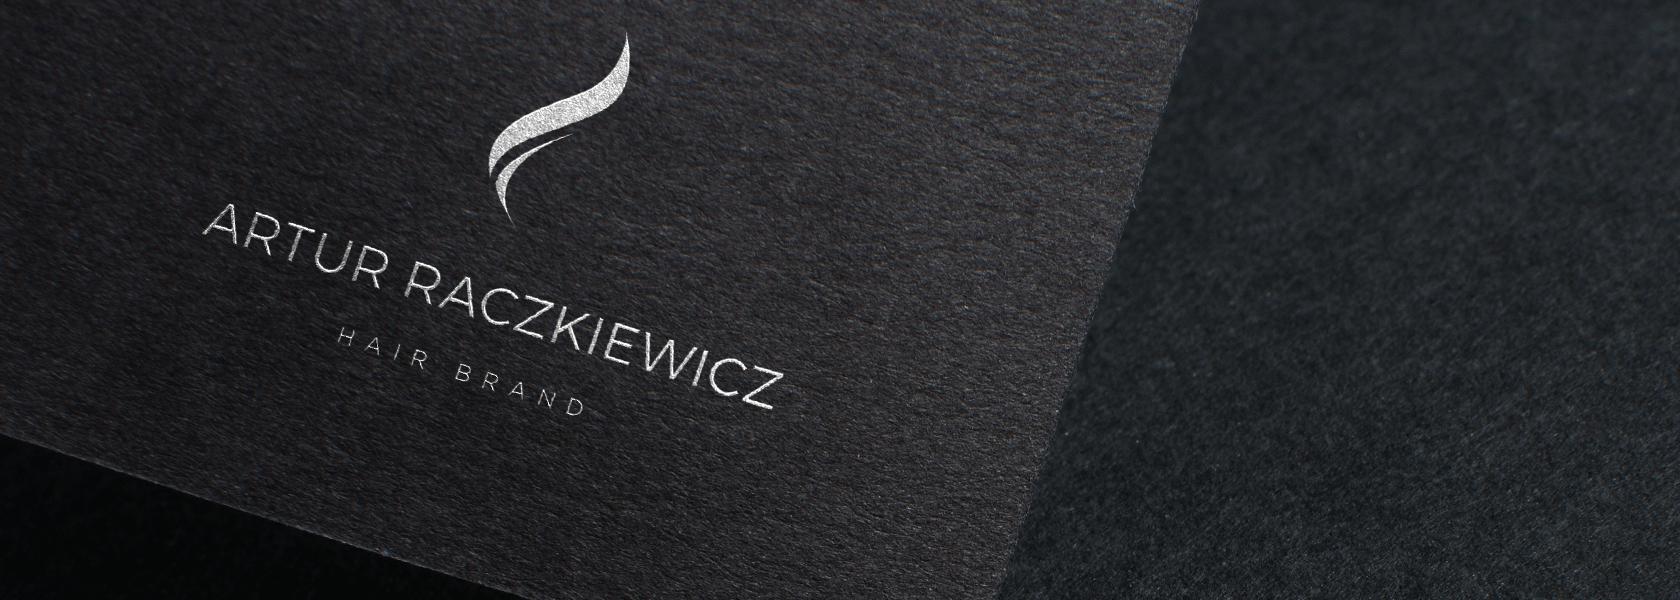 Nowe logo dla salonu fryzjerskiego Artur Raczkiewicz Hair